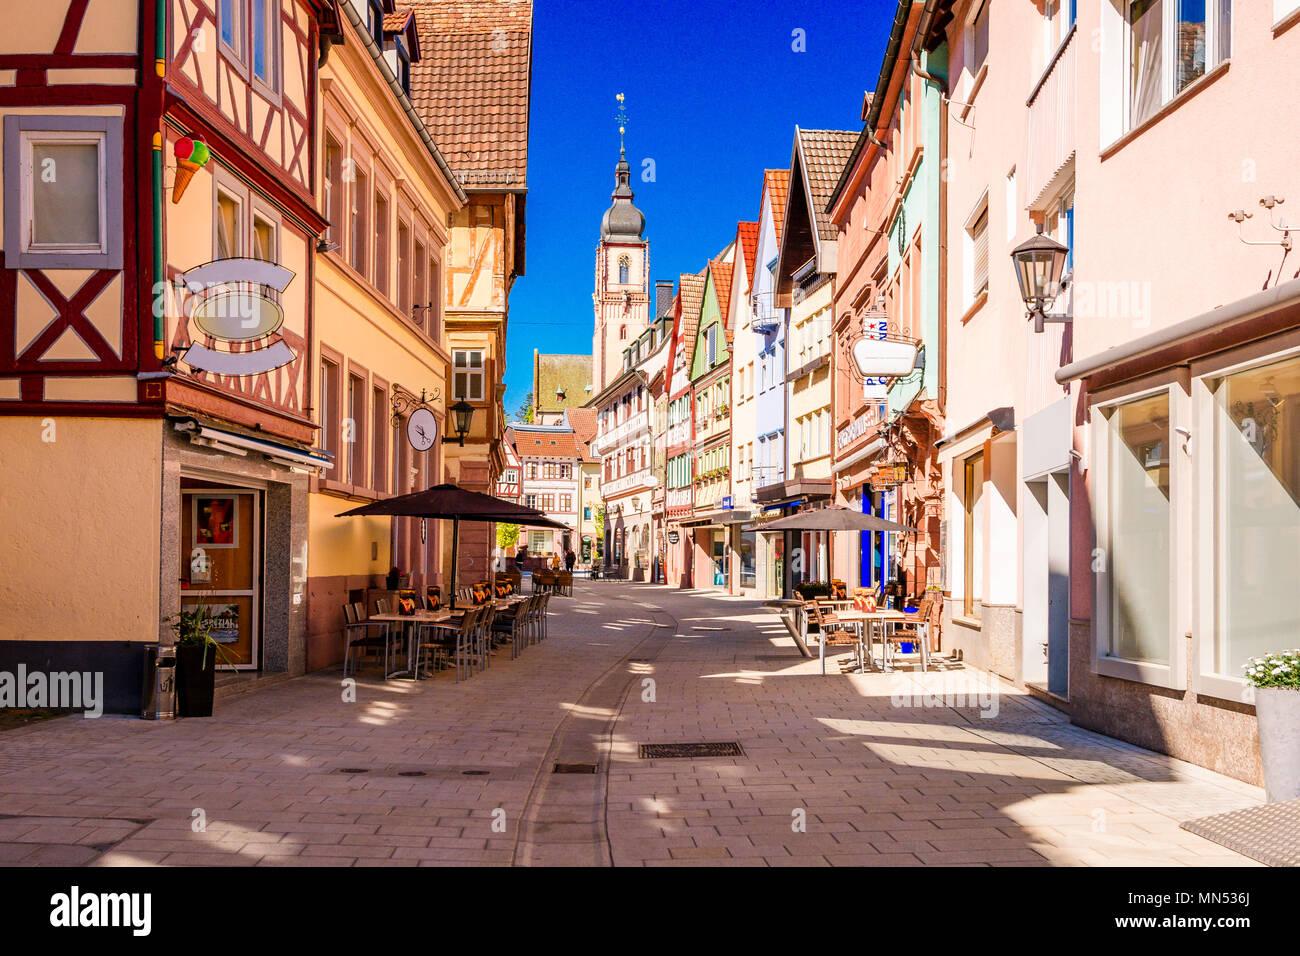 Belle vue panoramique sur la vieille ville de Tauberbischofsheim - fait partie de la Route Romantique, Bavière, Allemagne Photo Stock